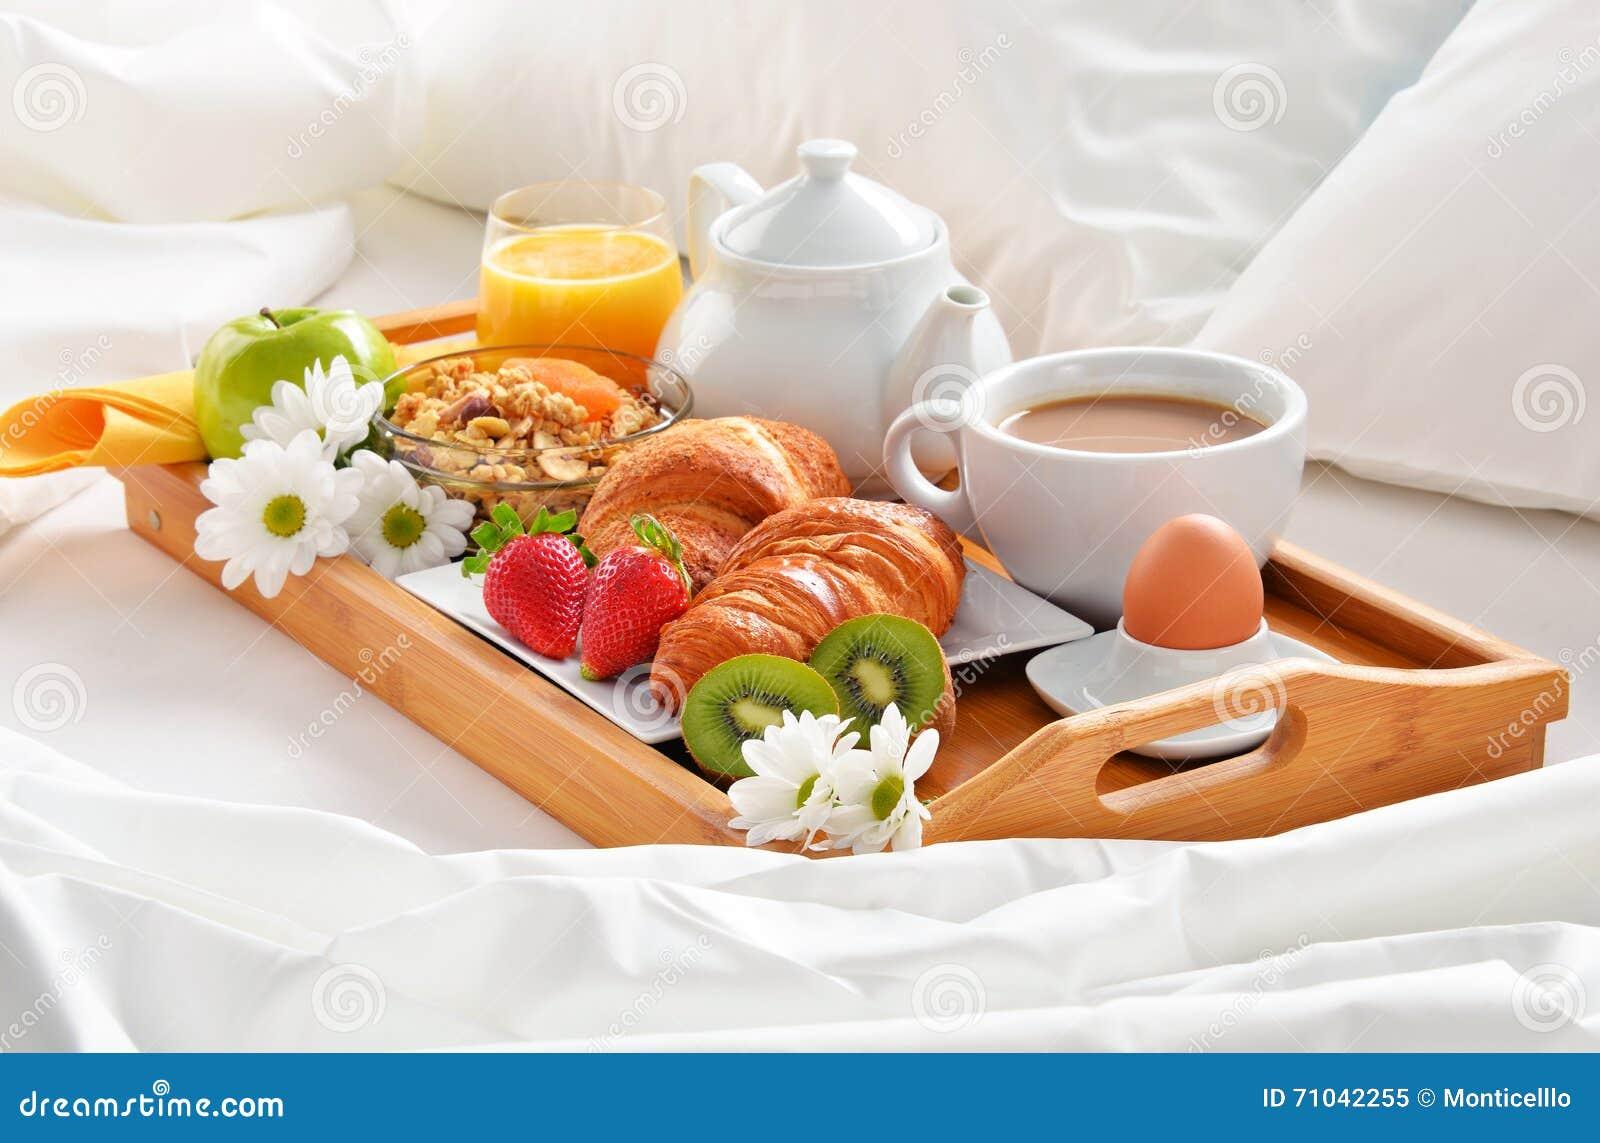 Foto di una colazione a letto design del - Vassoio per colazione a letto ...